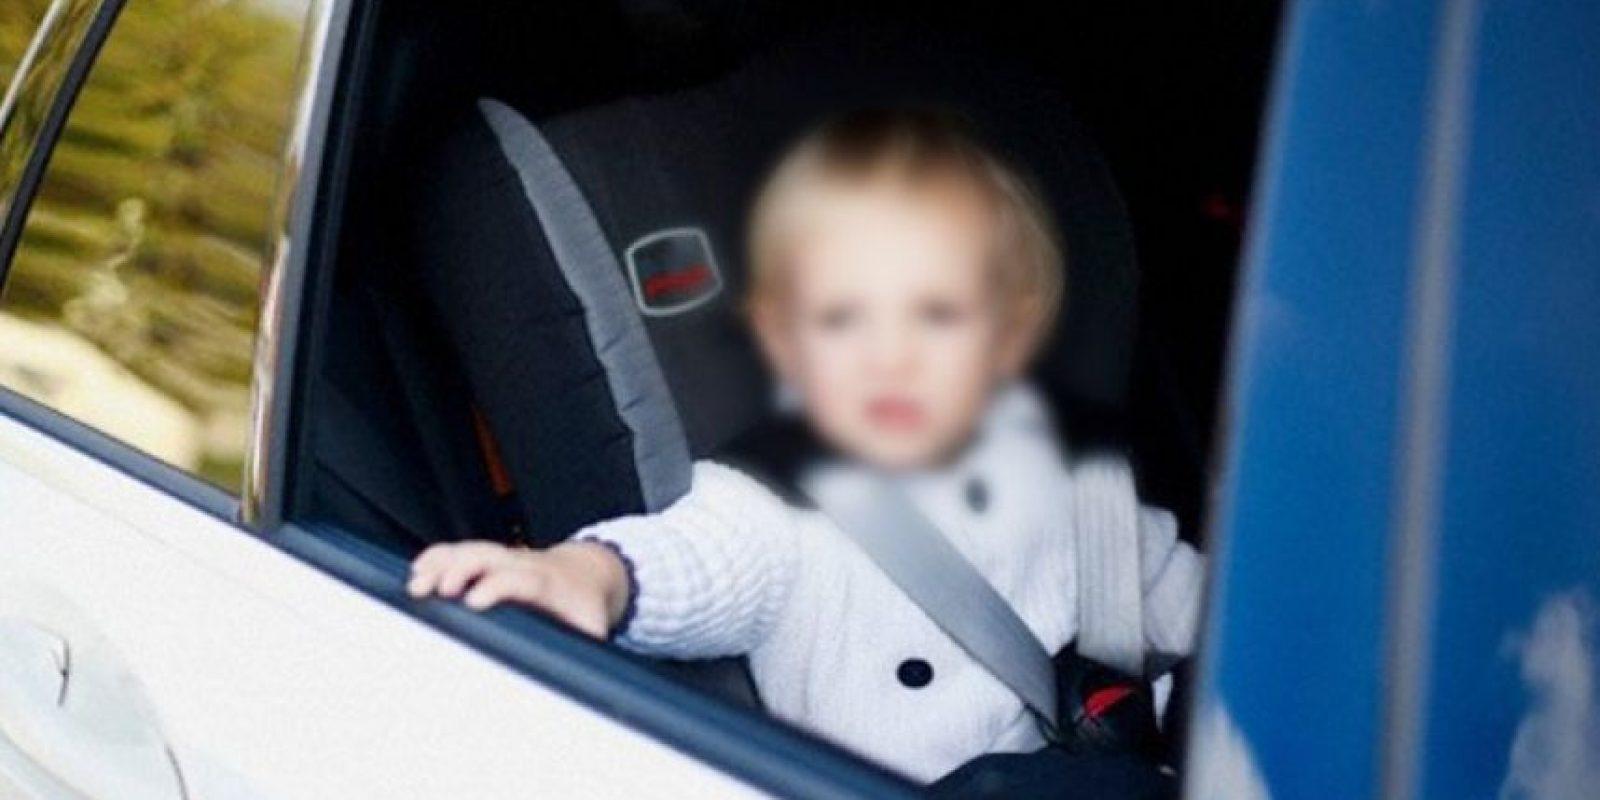 2. La temperatura de un auto puede cambiar rápidamente, pasando de demasiado caliente a demasiado frío en cuestión de segundos. Foto:Pixabay